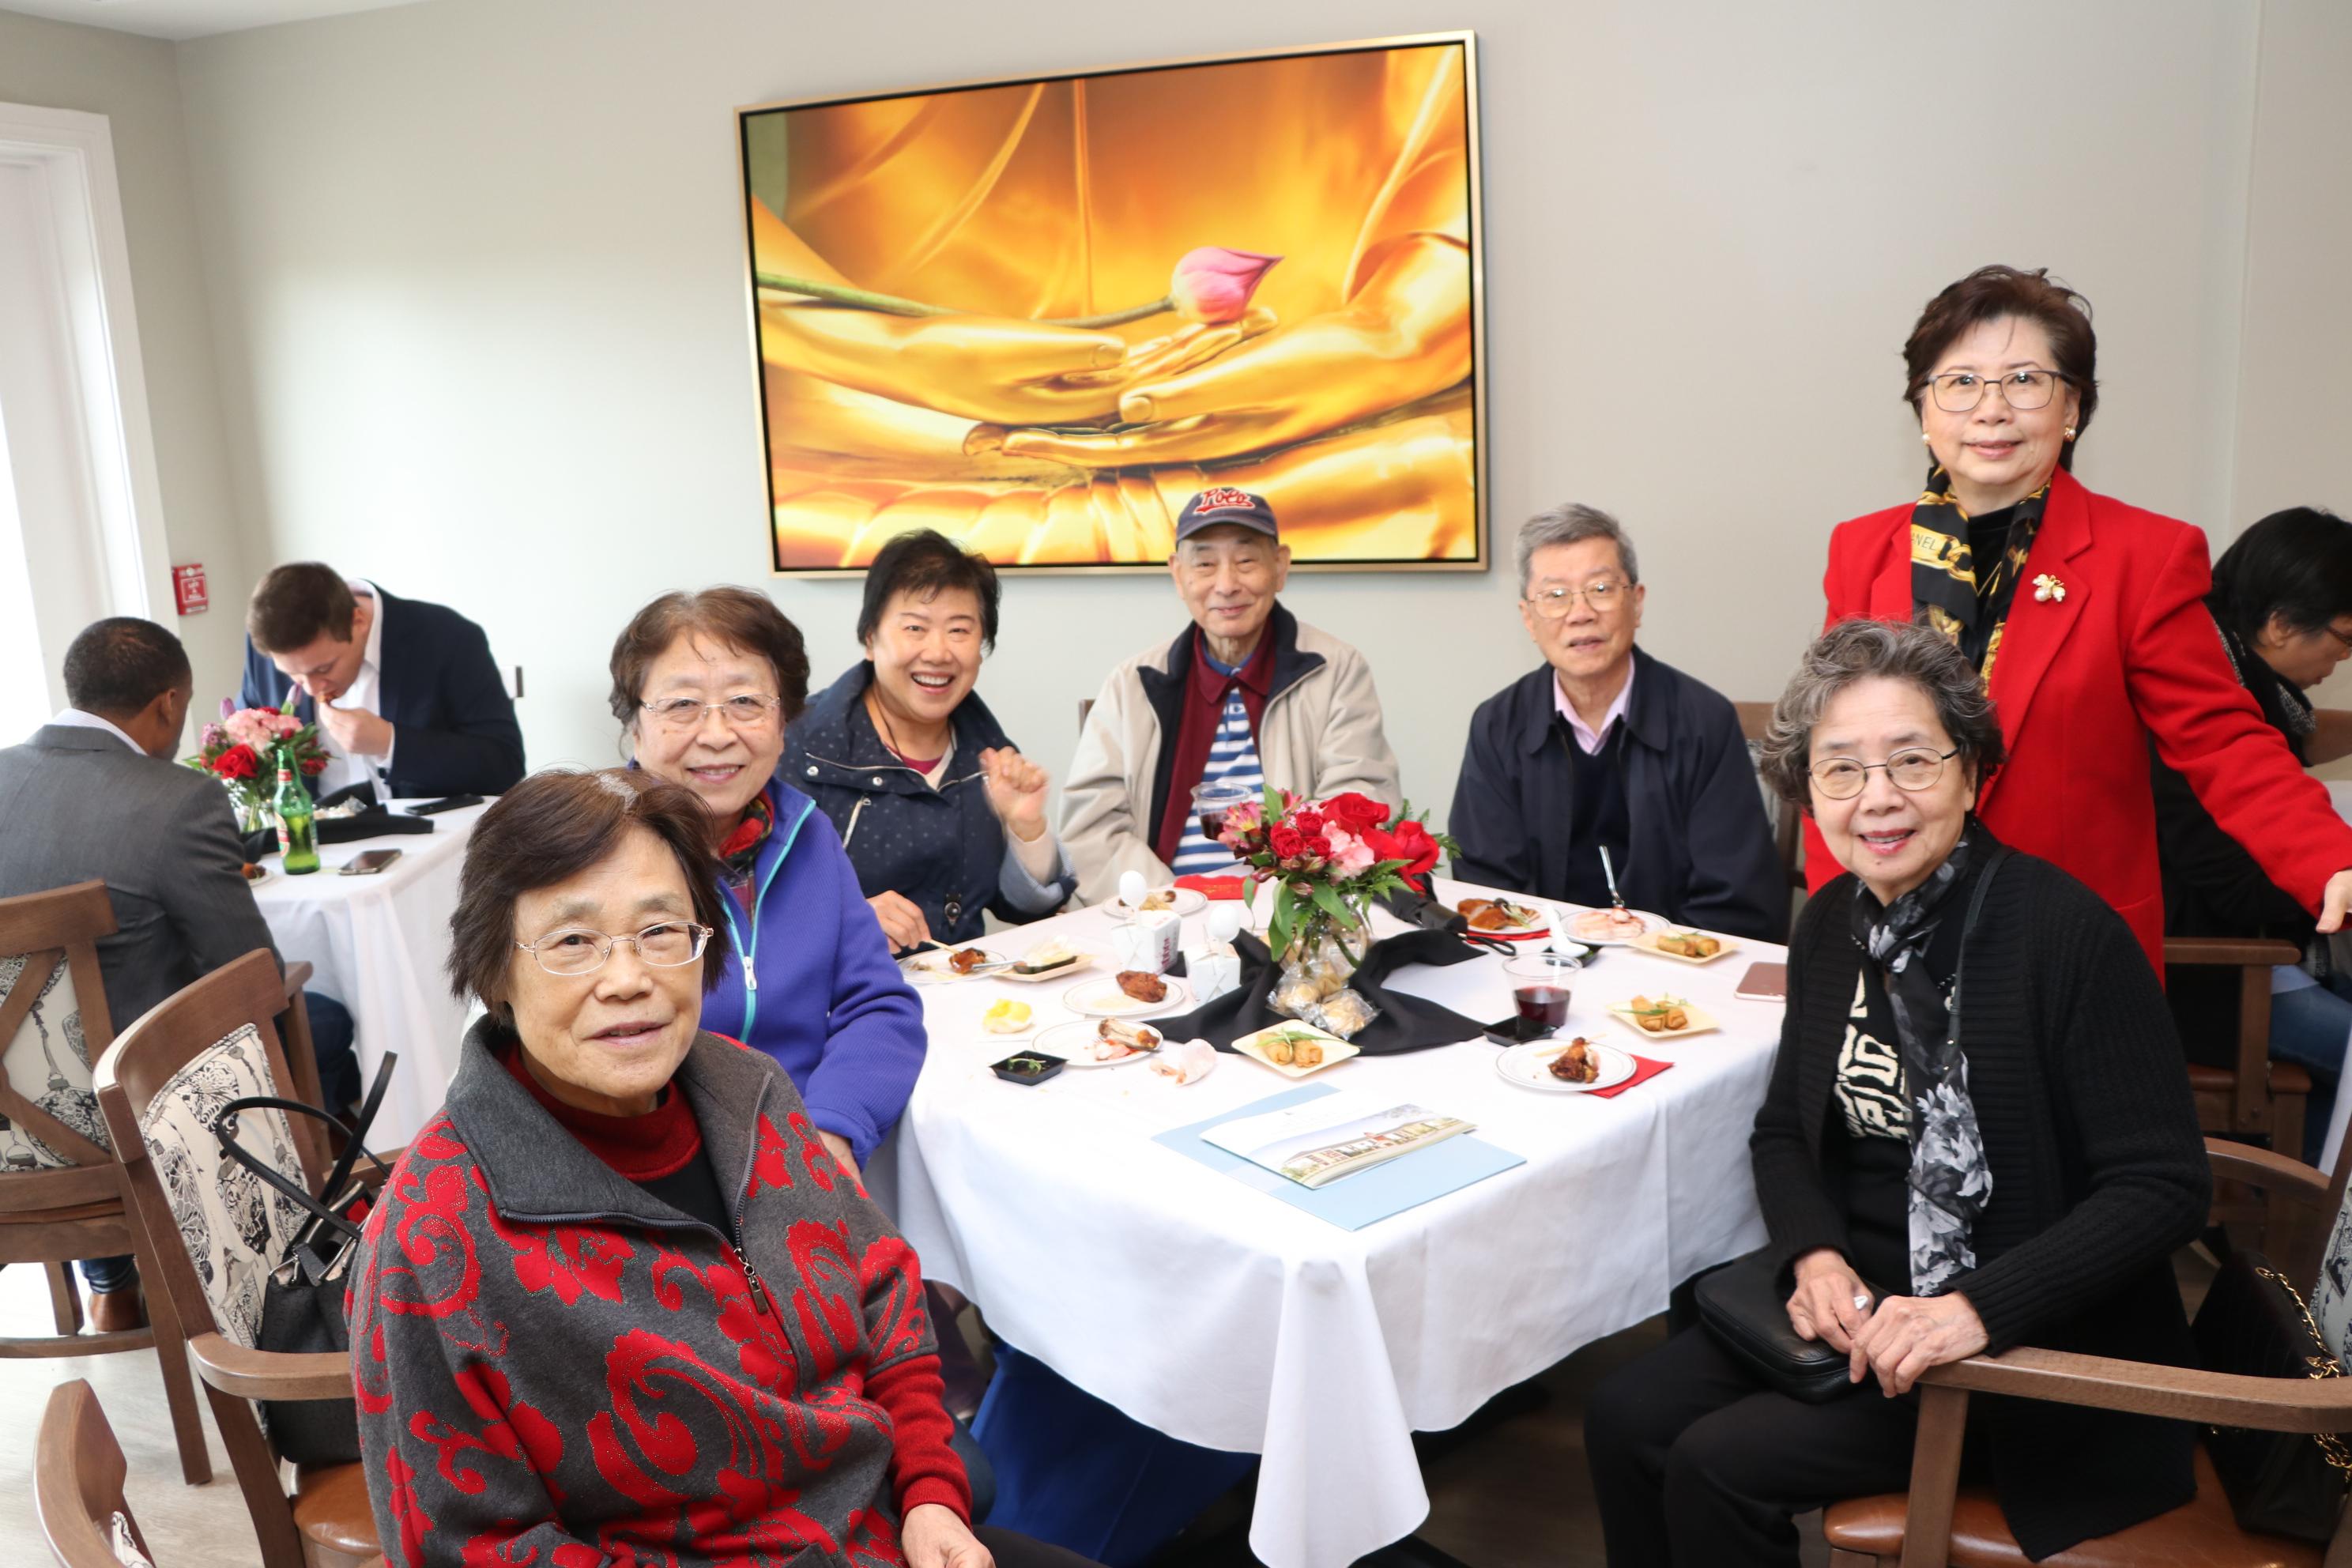 李兆瓊的夫人(後排右一)與到訪親友們相談甚歡。